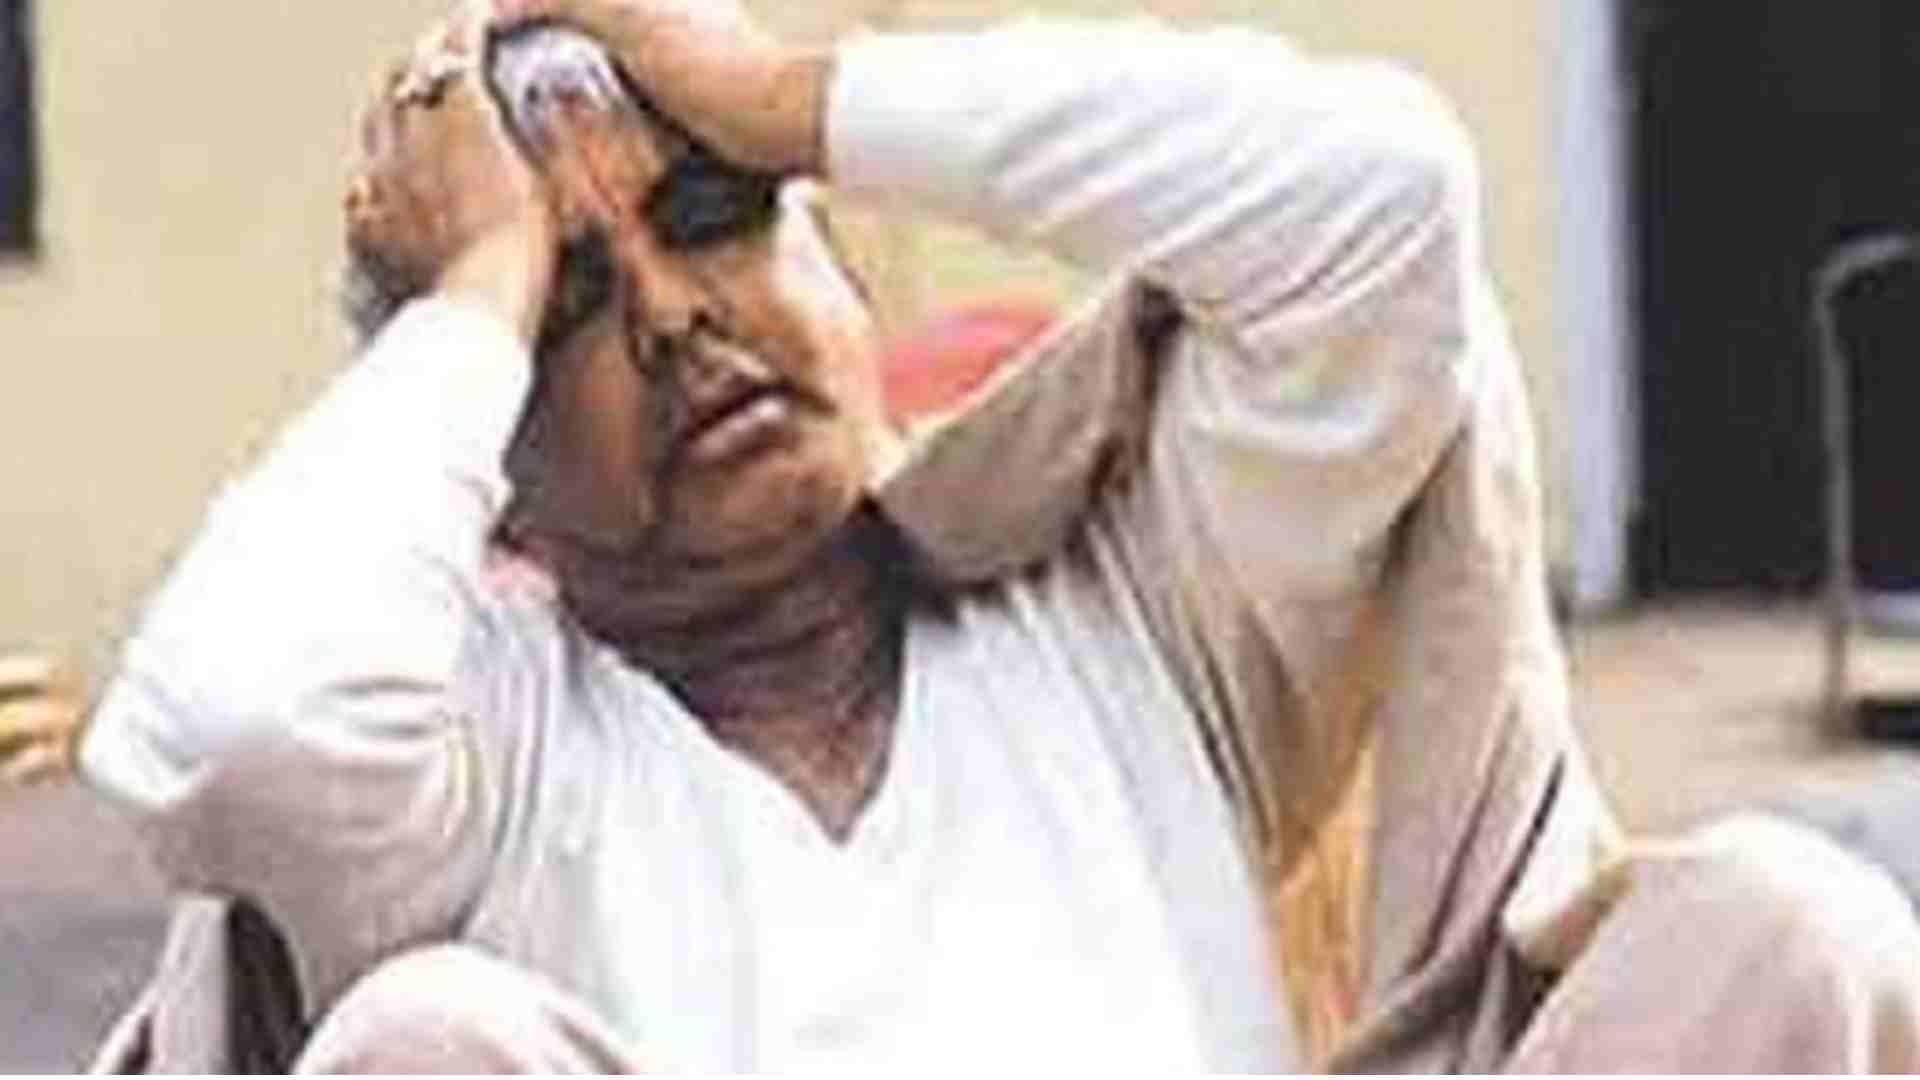 RJD में घमासान, सुशील कुमार ने कहा- सत्ता और संपत्ती के लिए कुछ भी हो सकता